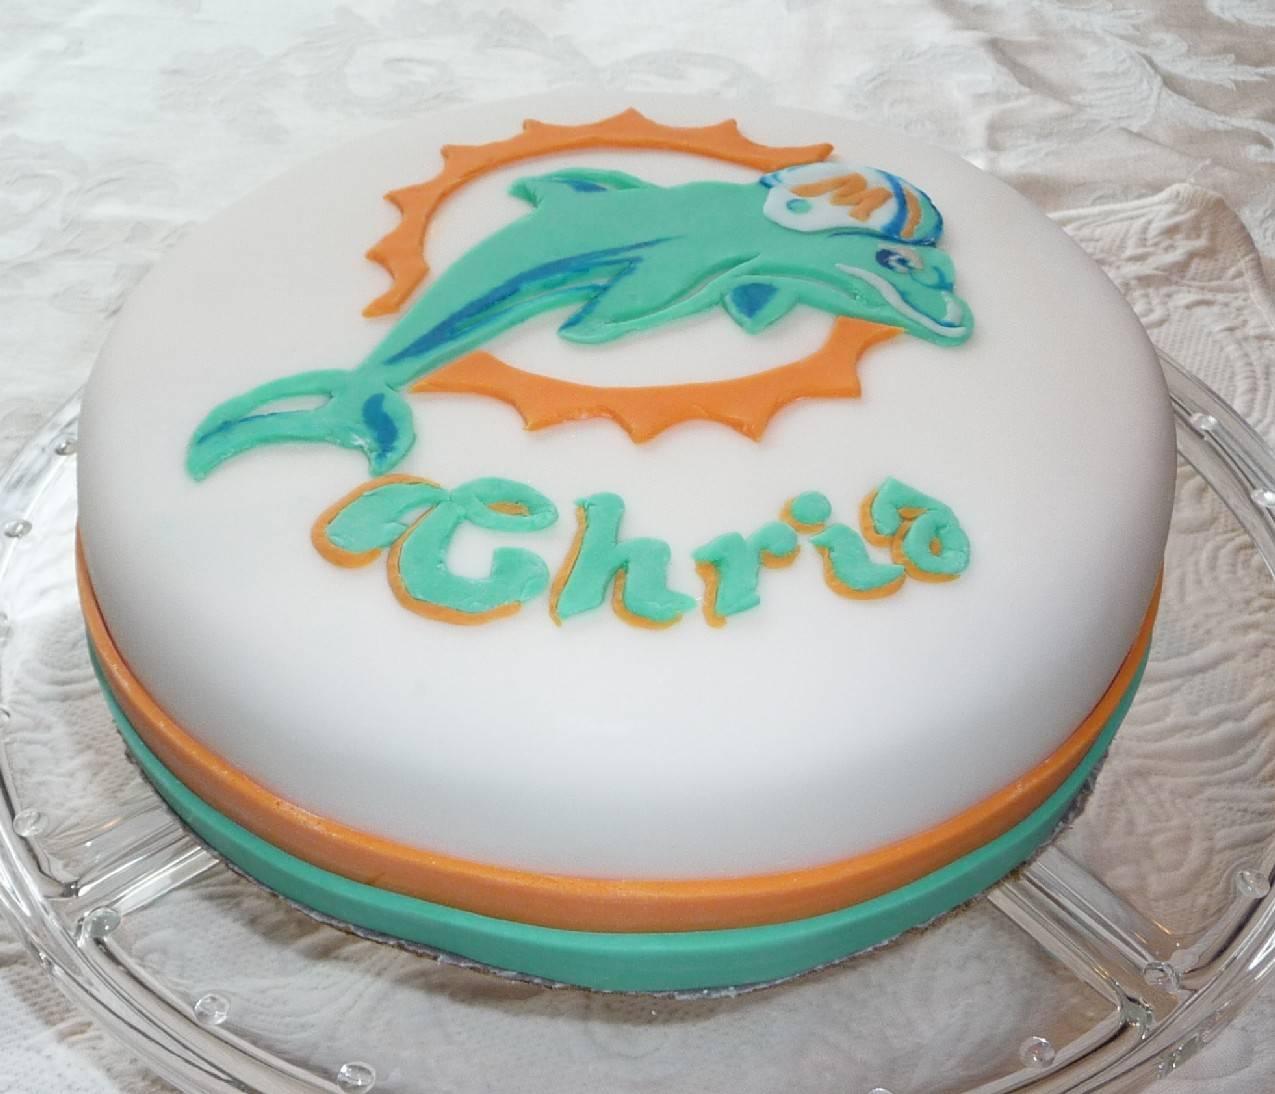 Chris's Cake